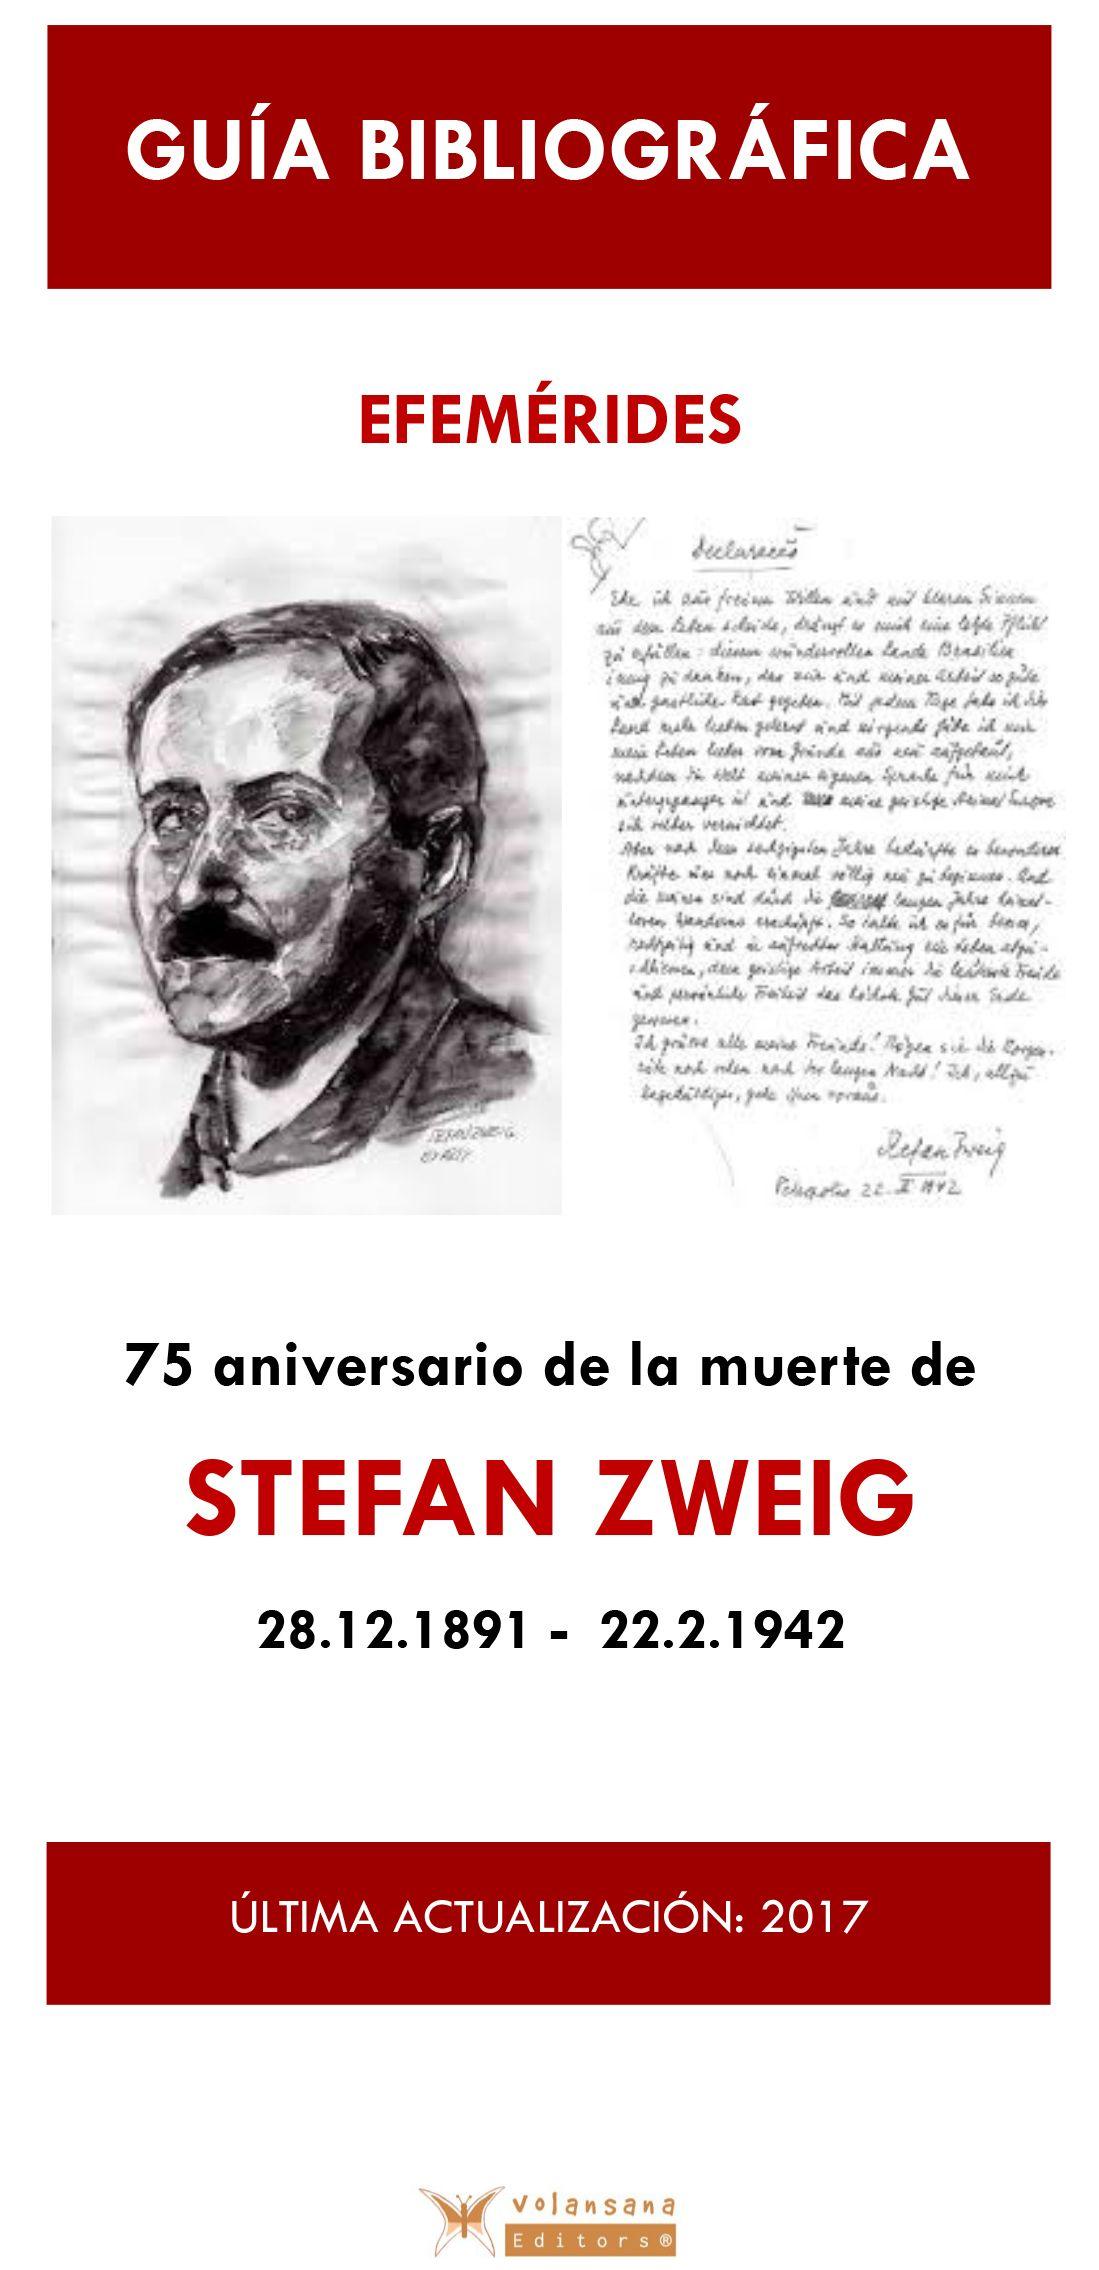 Bibliografía sobre la obra de Stefan Zweig